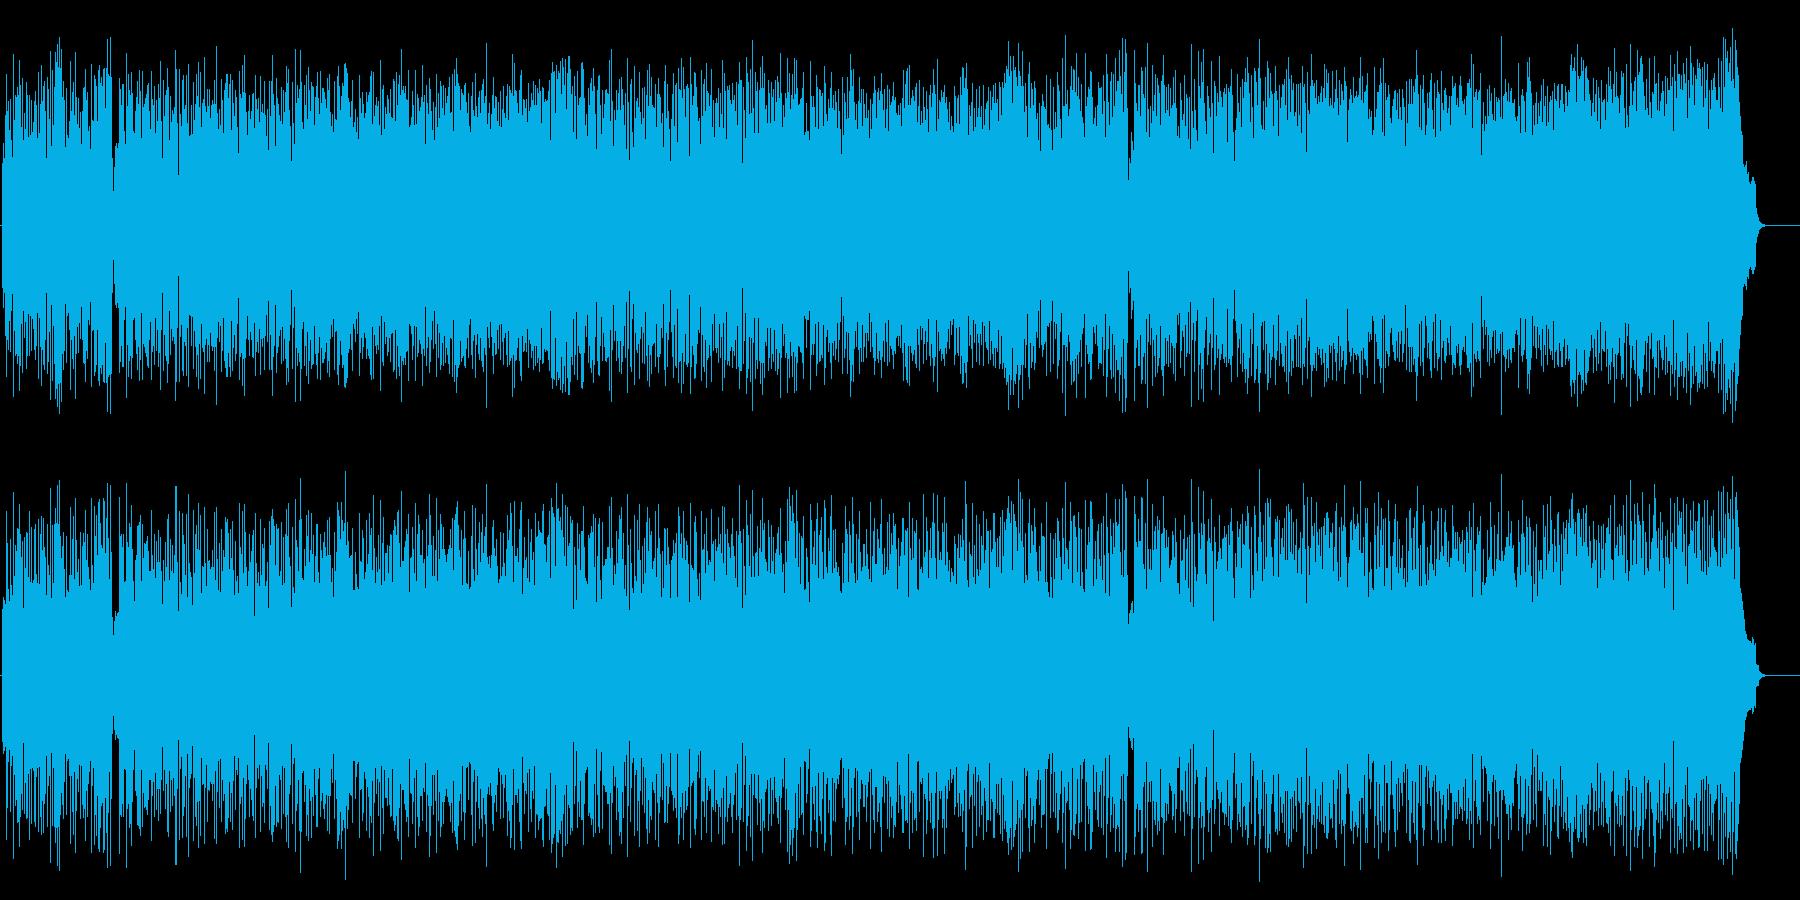 キャッチーで爽やかなポップ・フュージョンの再生済みの波形